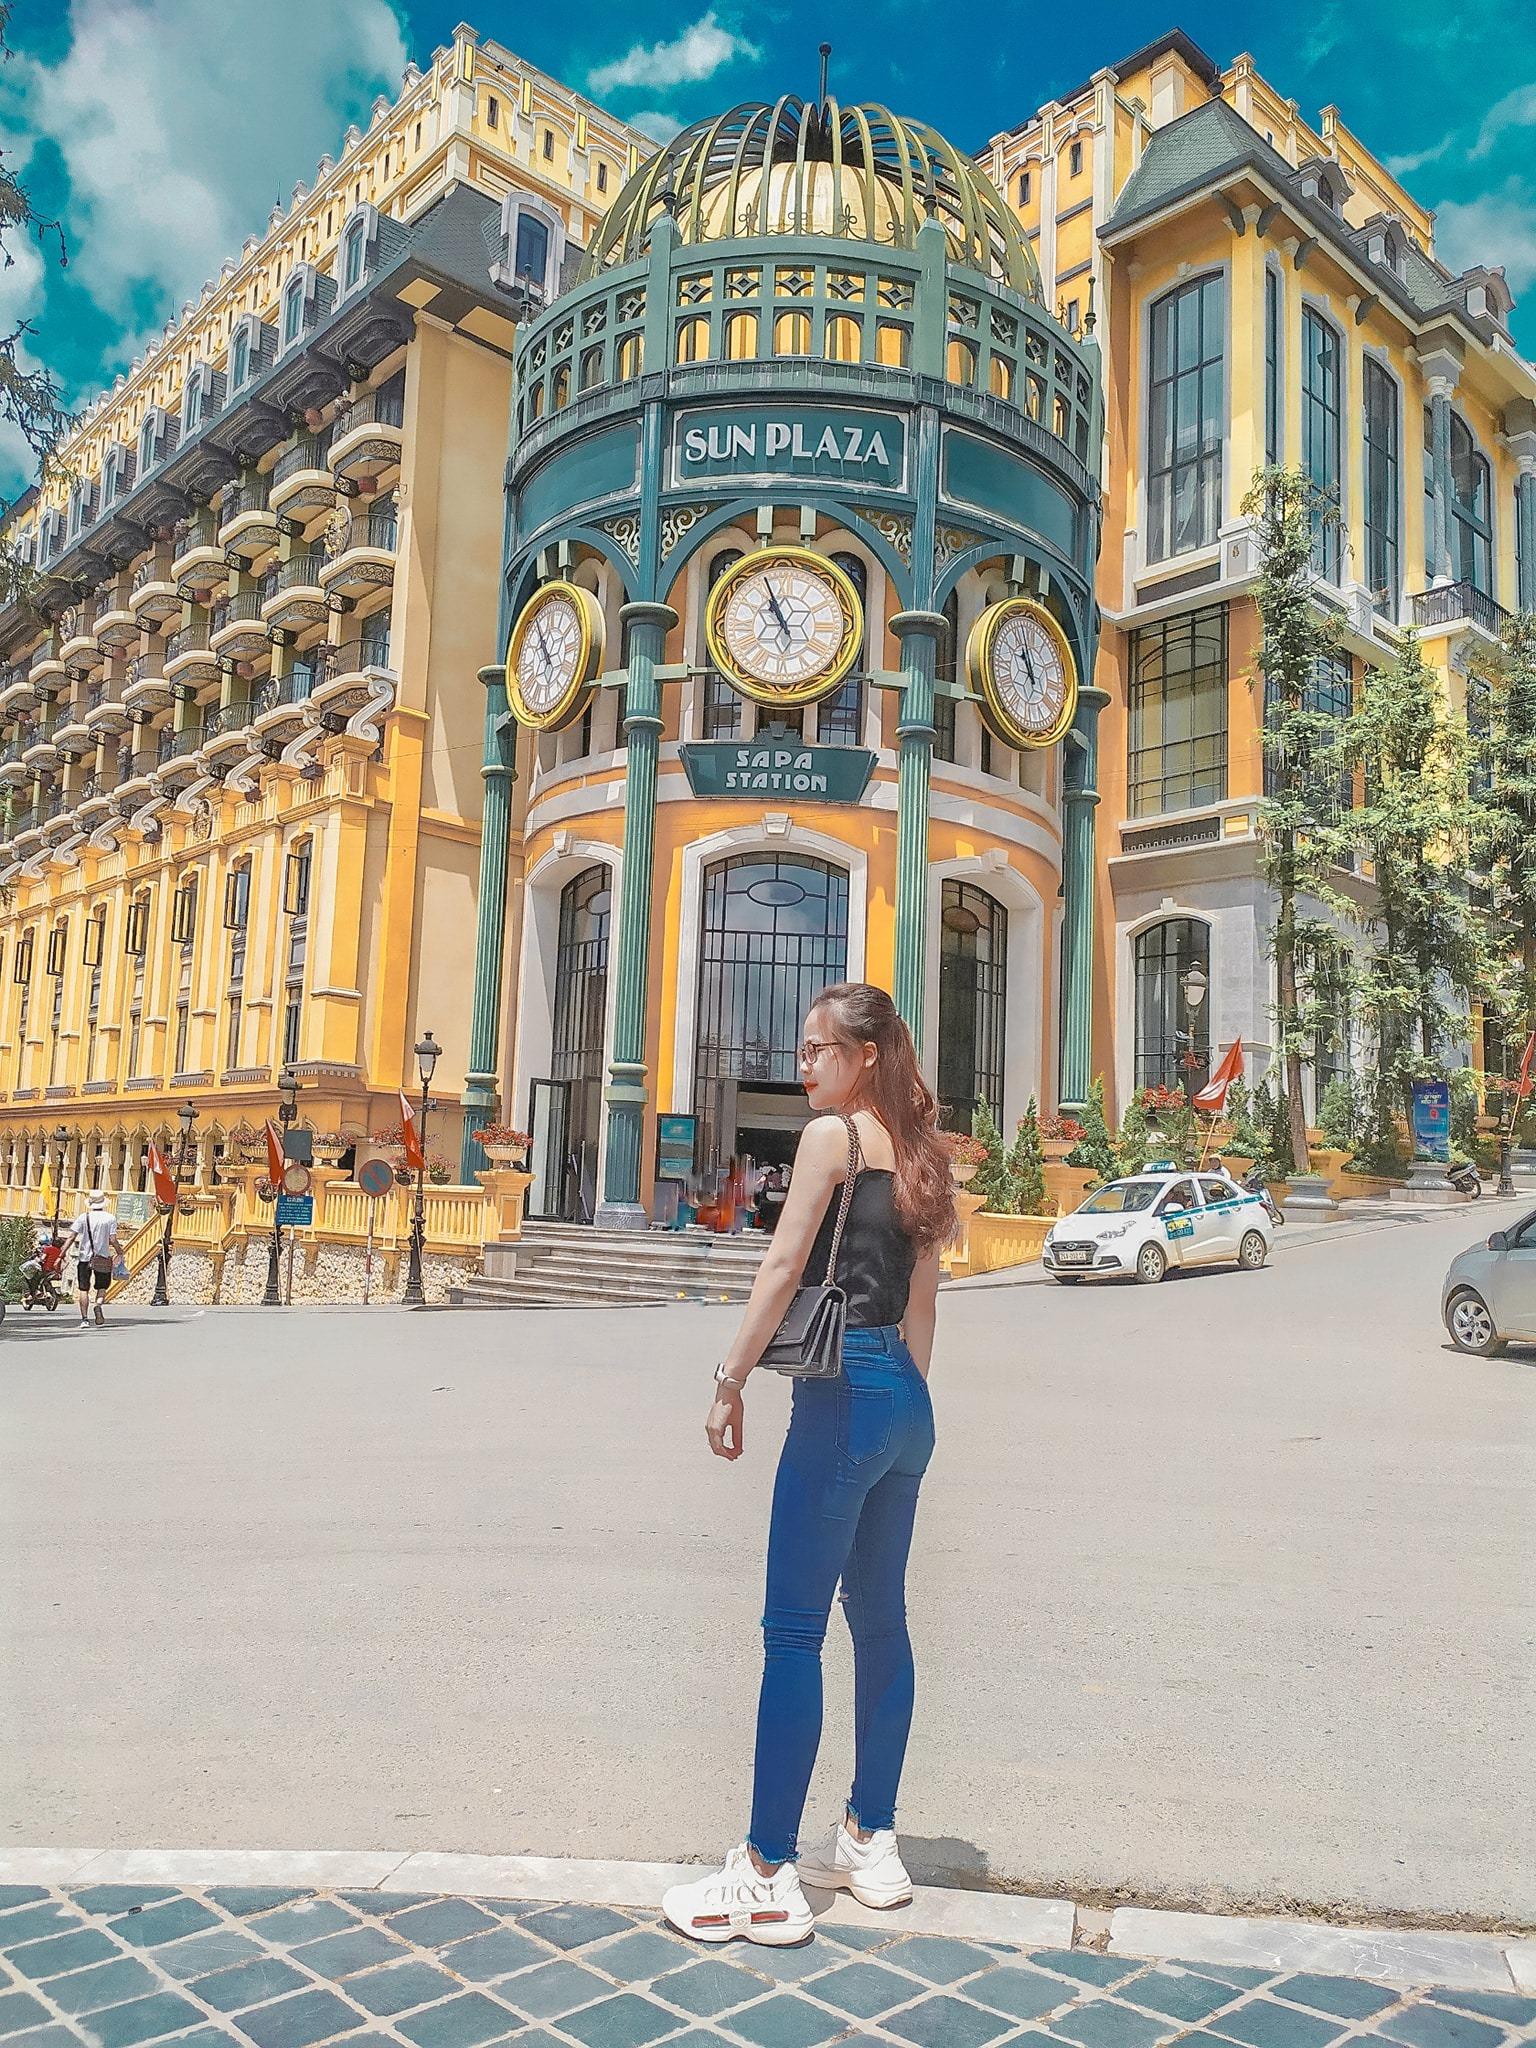 Tour du lịch Sapa khởi hành từ Hà Nội: Chi phí trọn gói chỉ từ 1,1 triệu đồng - Ảnh 18.